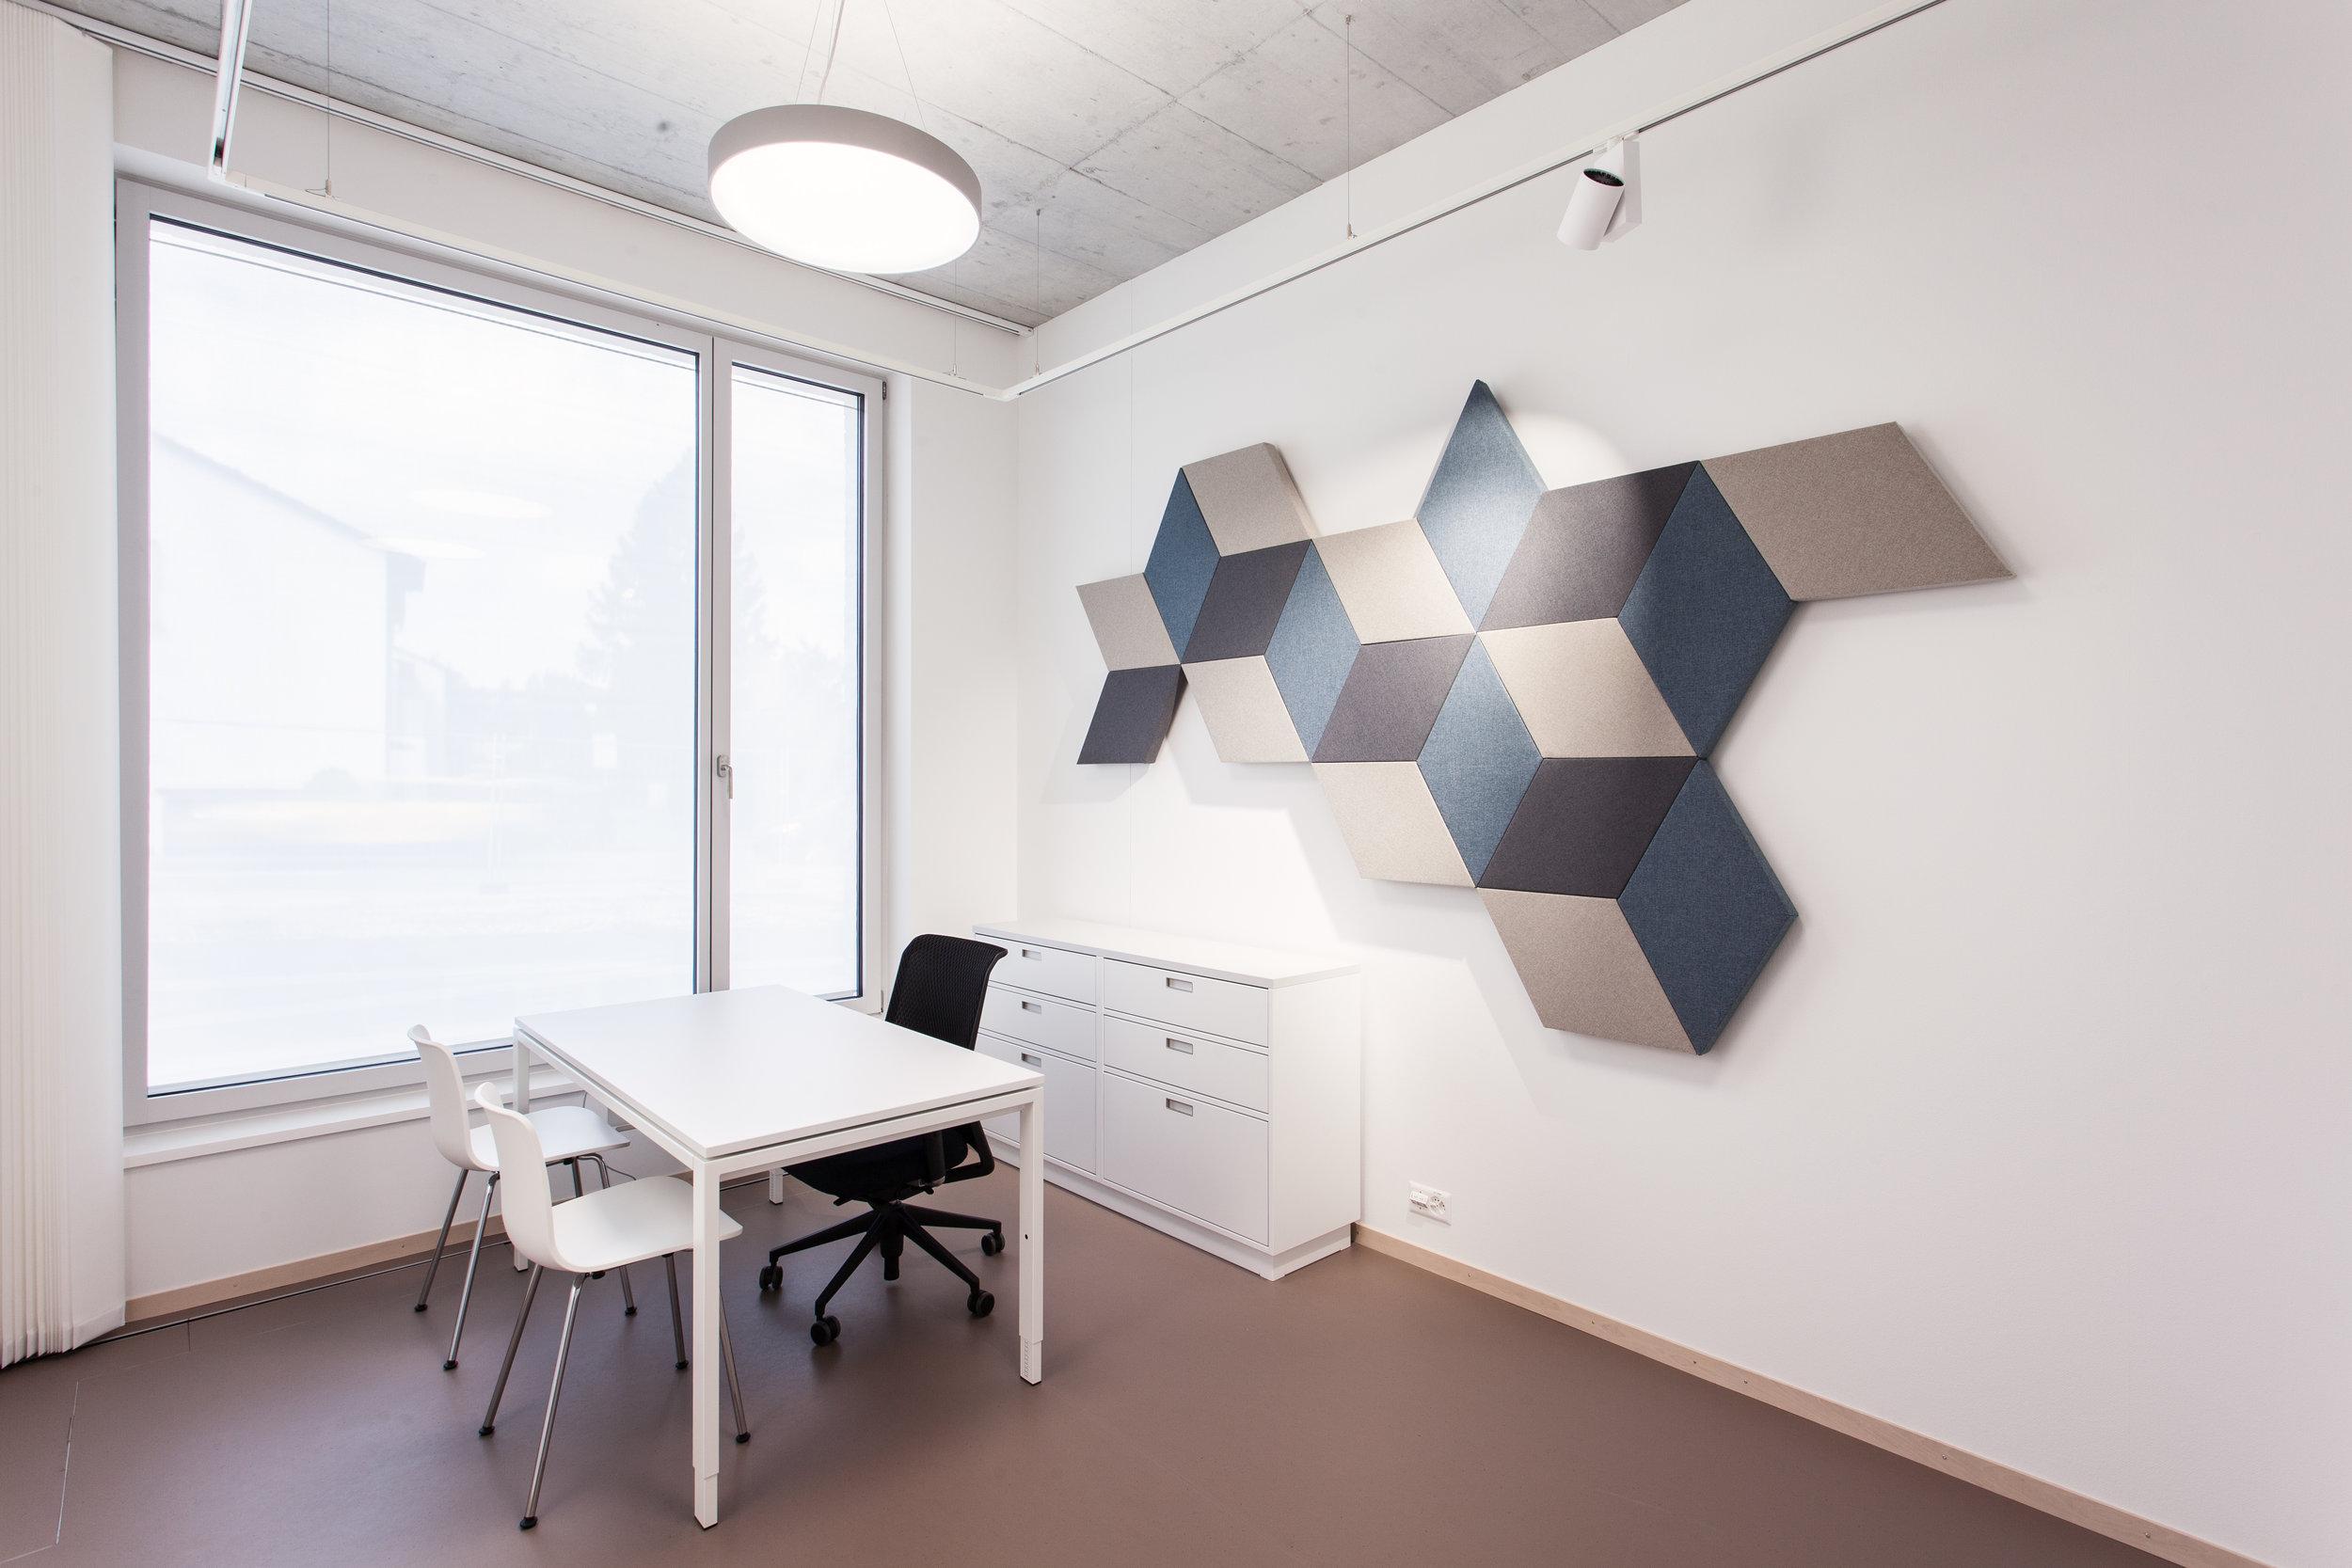 Foto © by Adrian Streuli, St. Gallen | Wandabsorber ZilenZio «Fazett» in der MediX Praxis